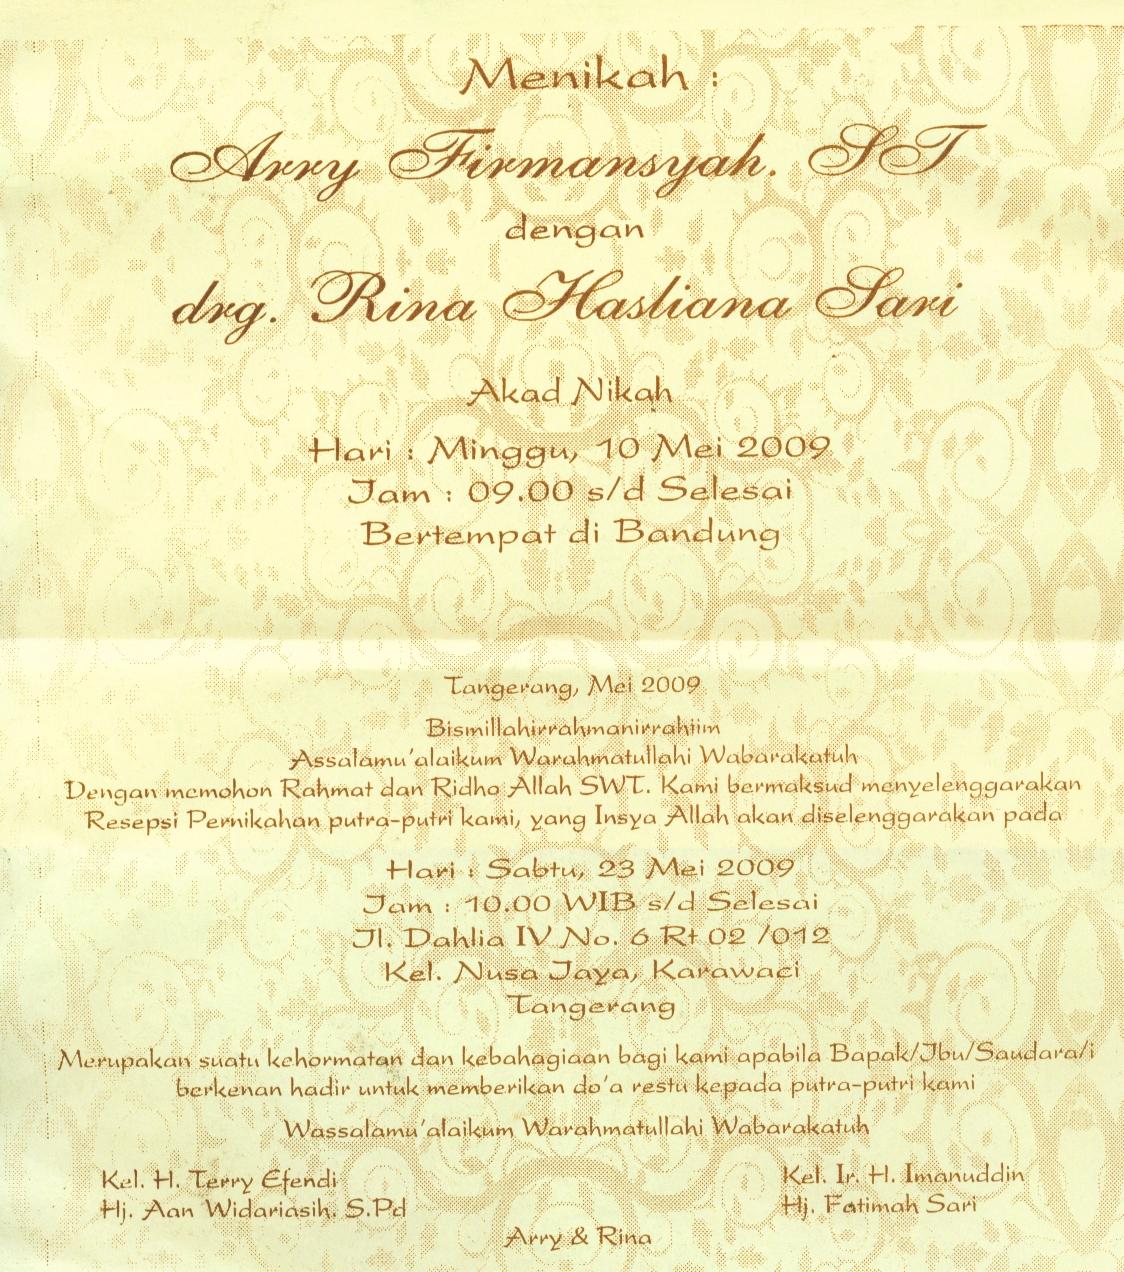 Undangan Syukuran Pernikahan Arry & Rina, Tangerang 23 May 2009